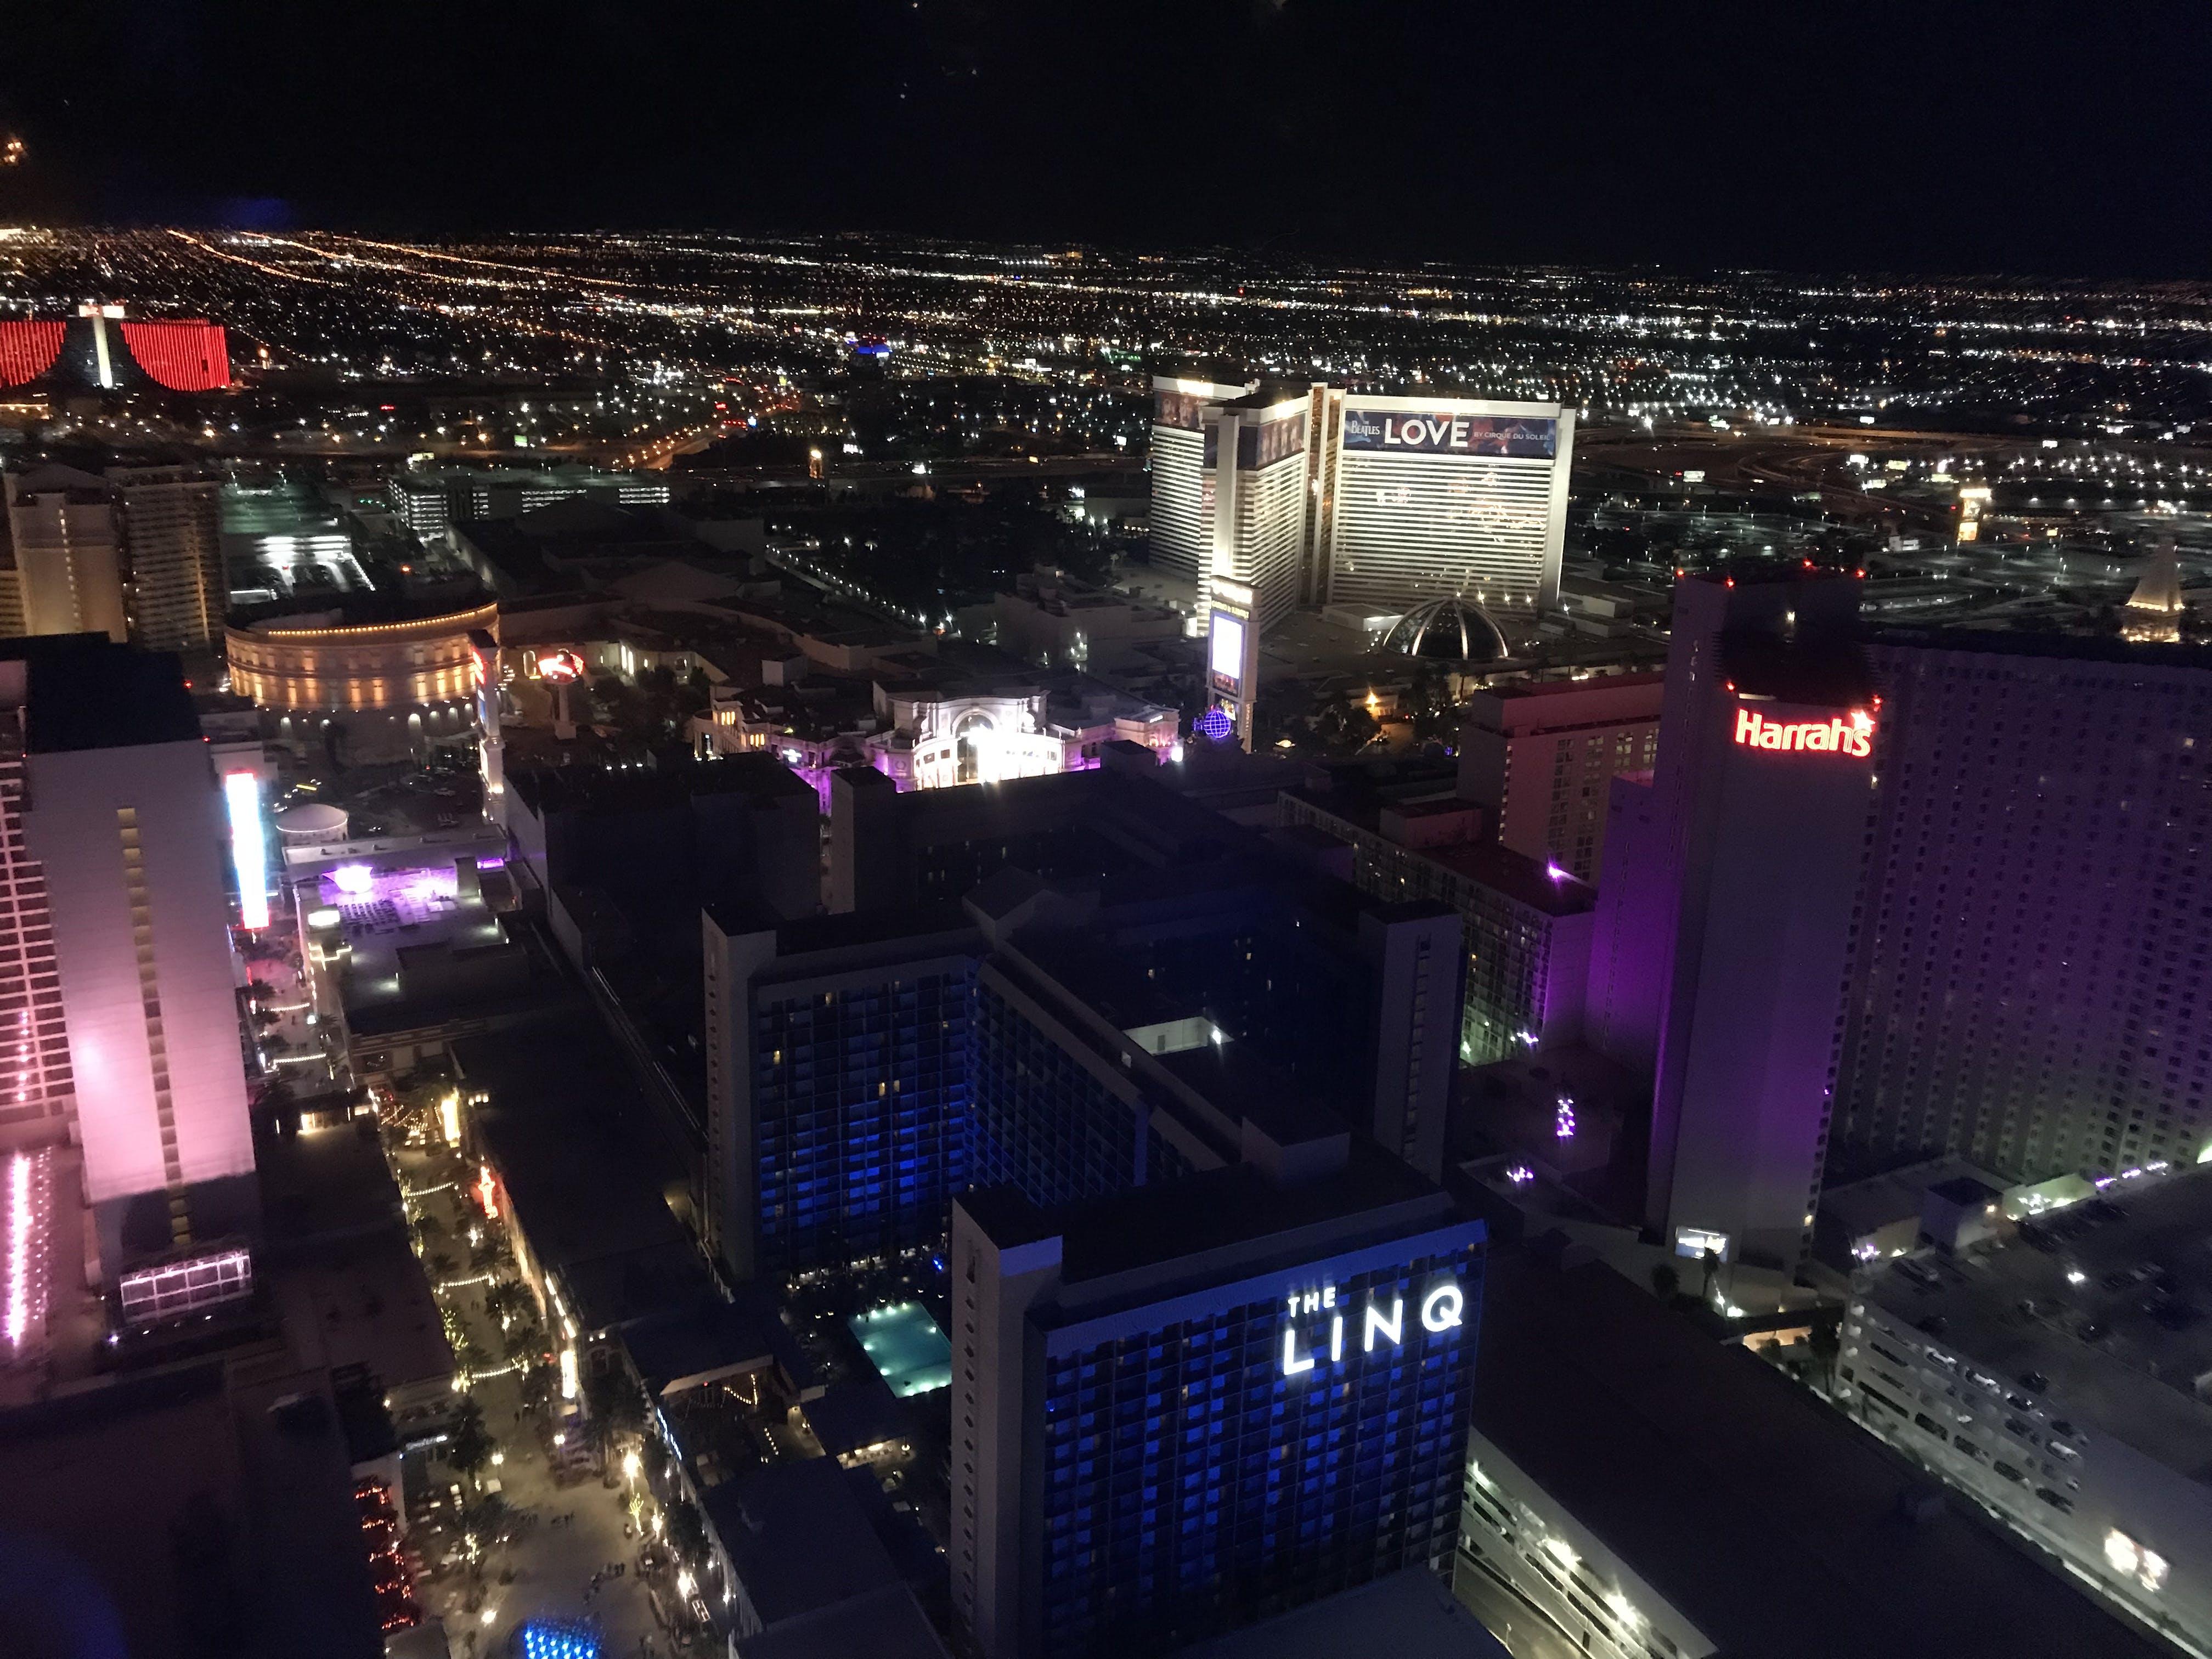 Free stock photo of buildings, city, Las Vegas, Sin city